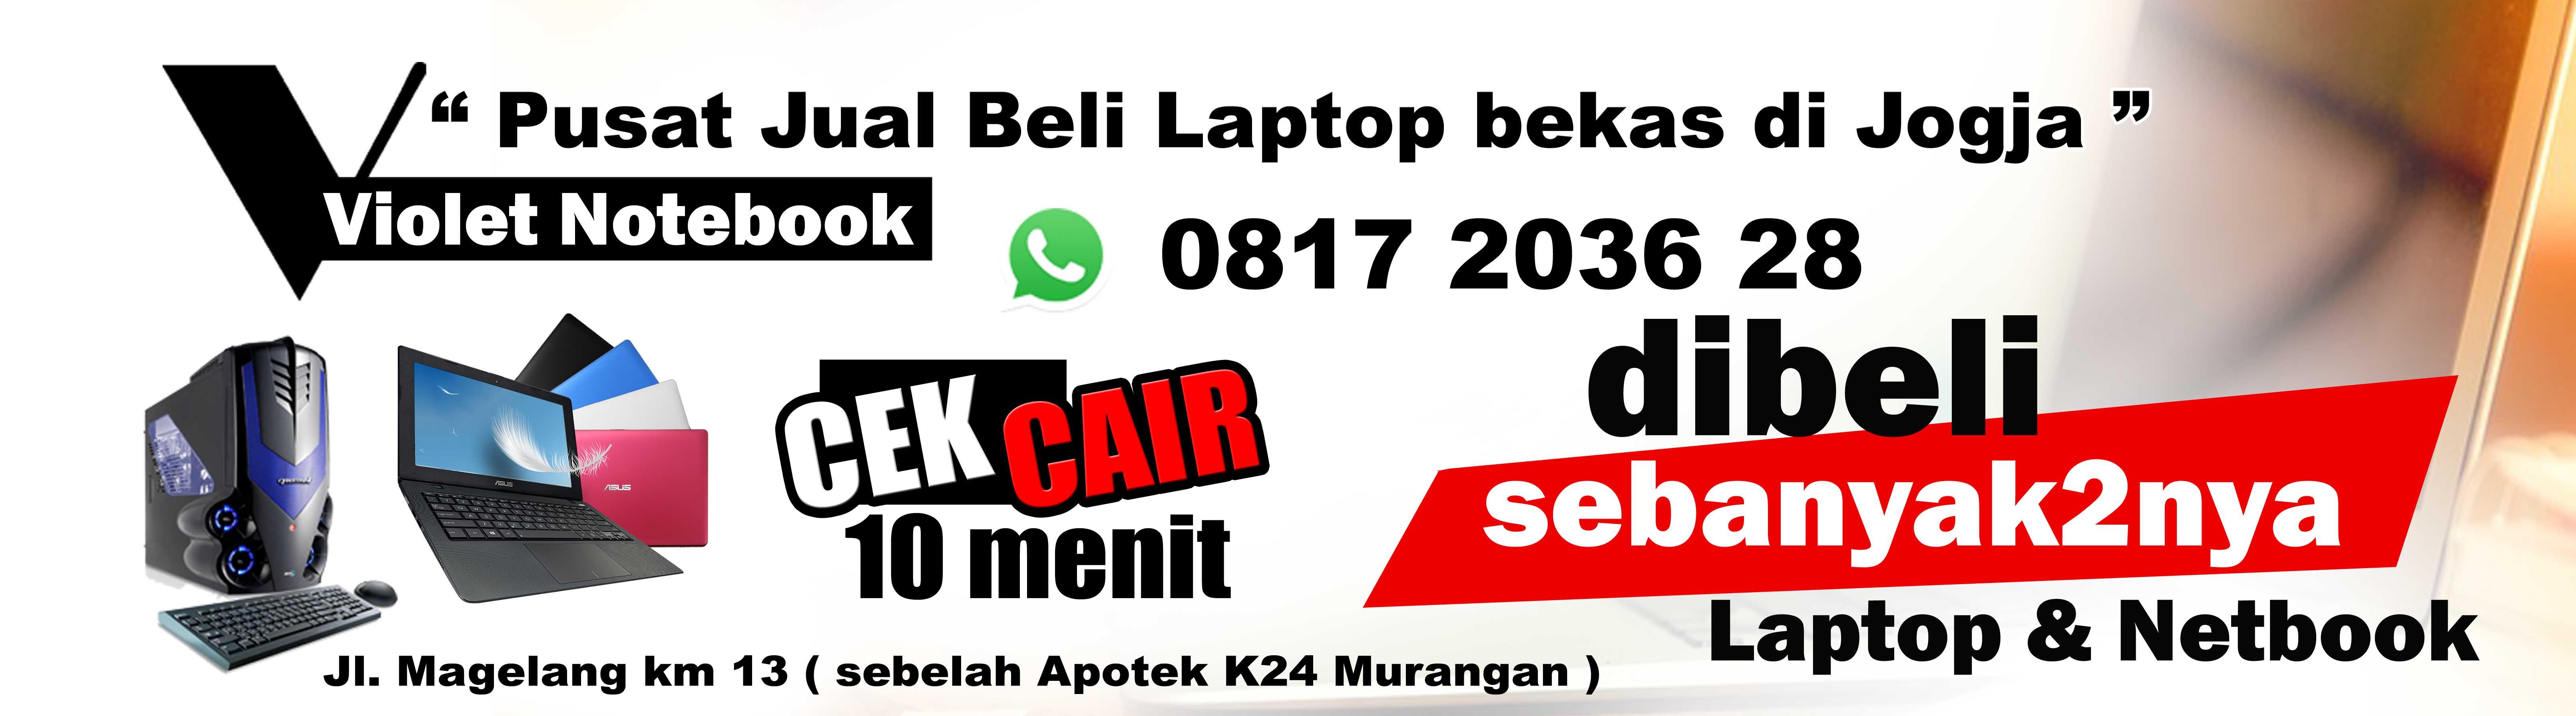 Pusat Jual Beli Laptop Bekas Jogja Magelang Solo